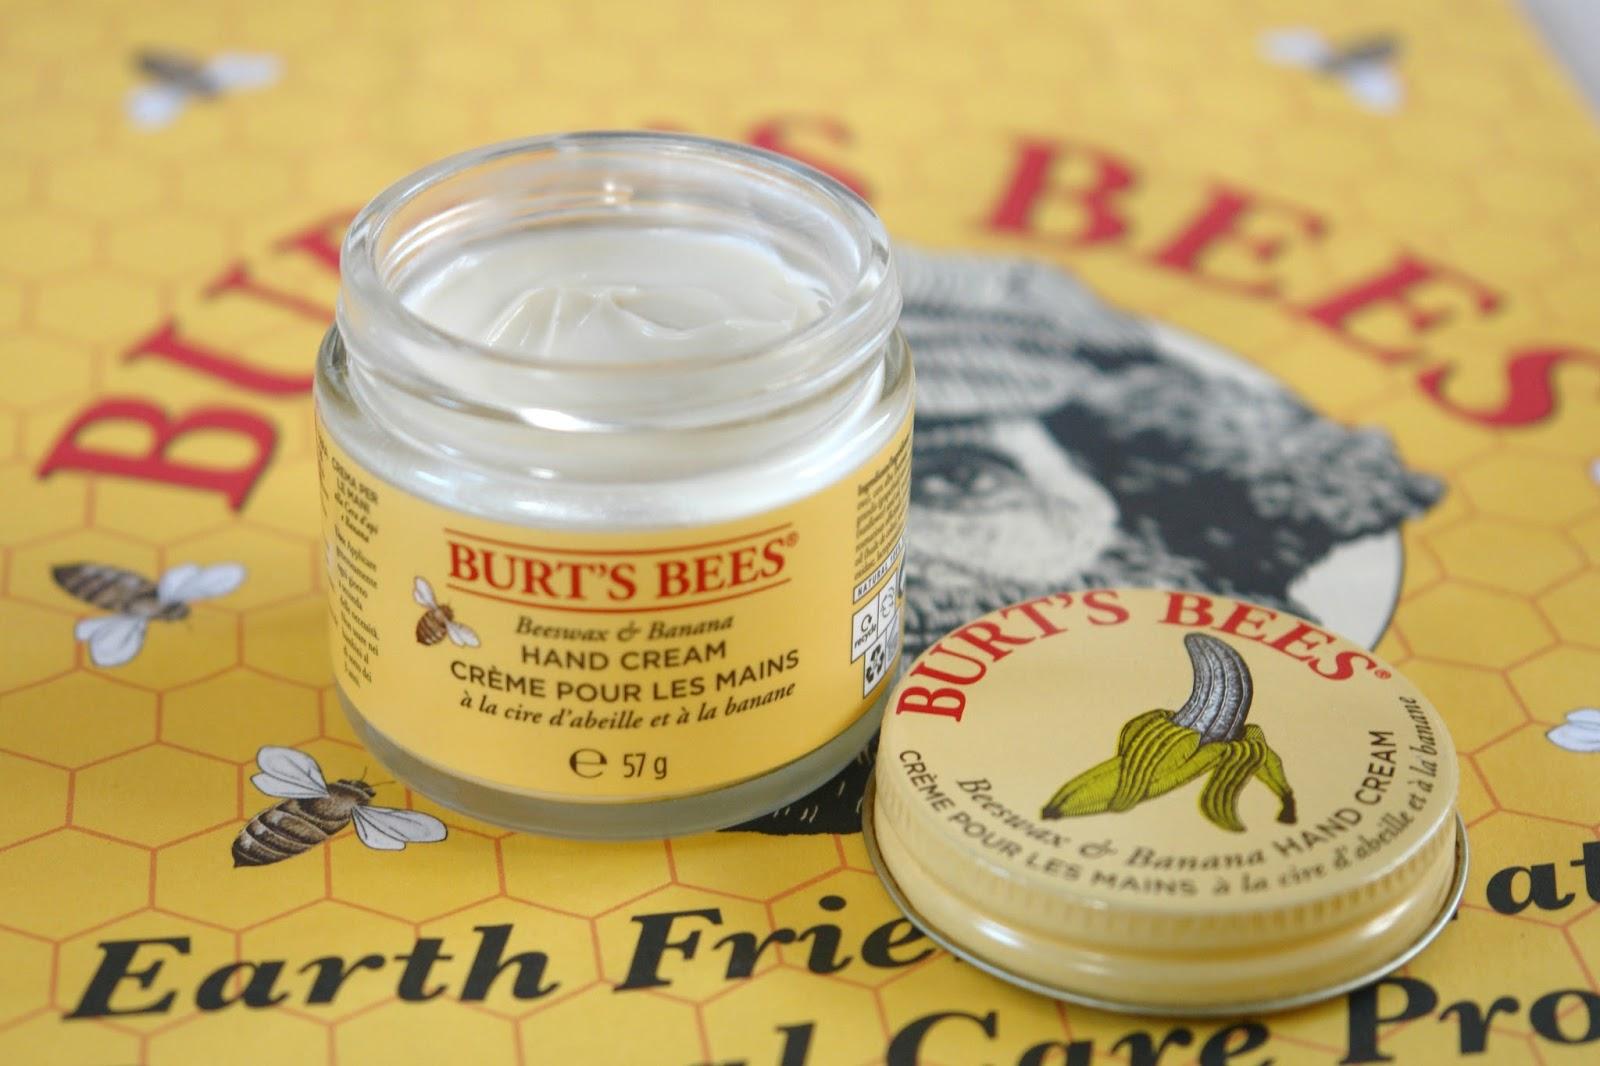 Burt's Bees Beeswax & Banana Hand Cream review